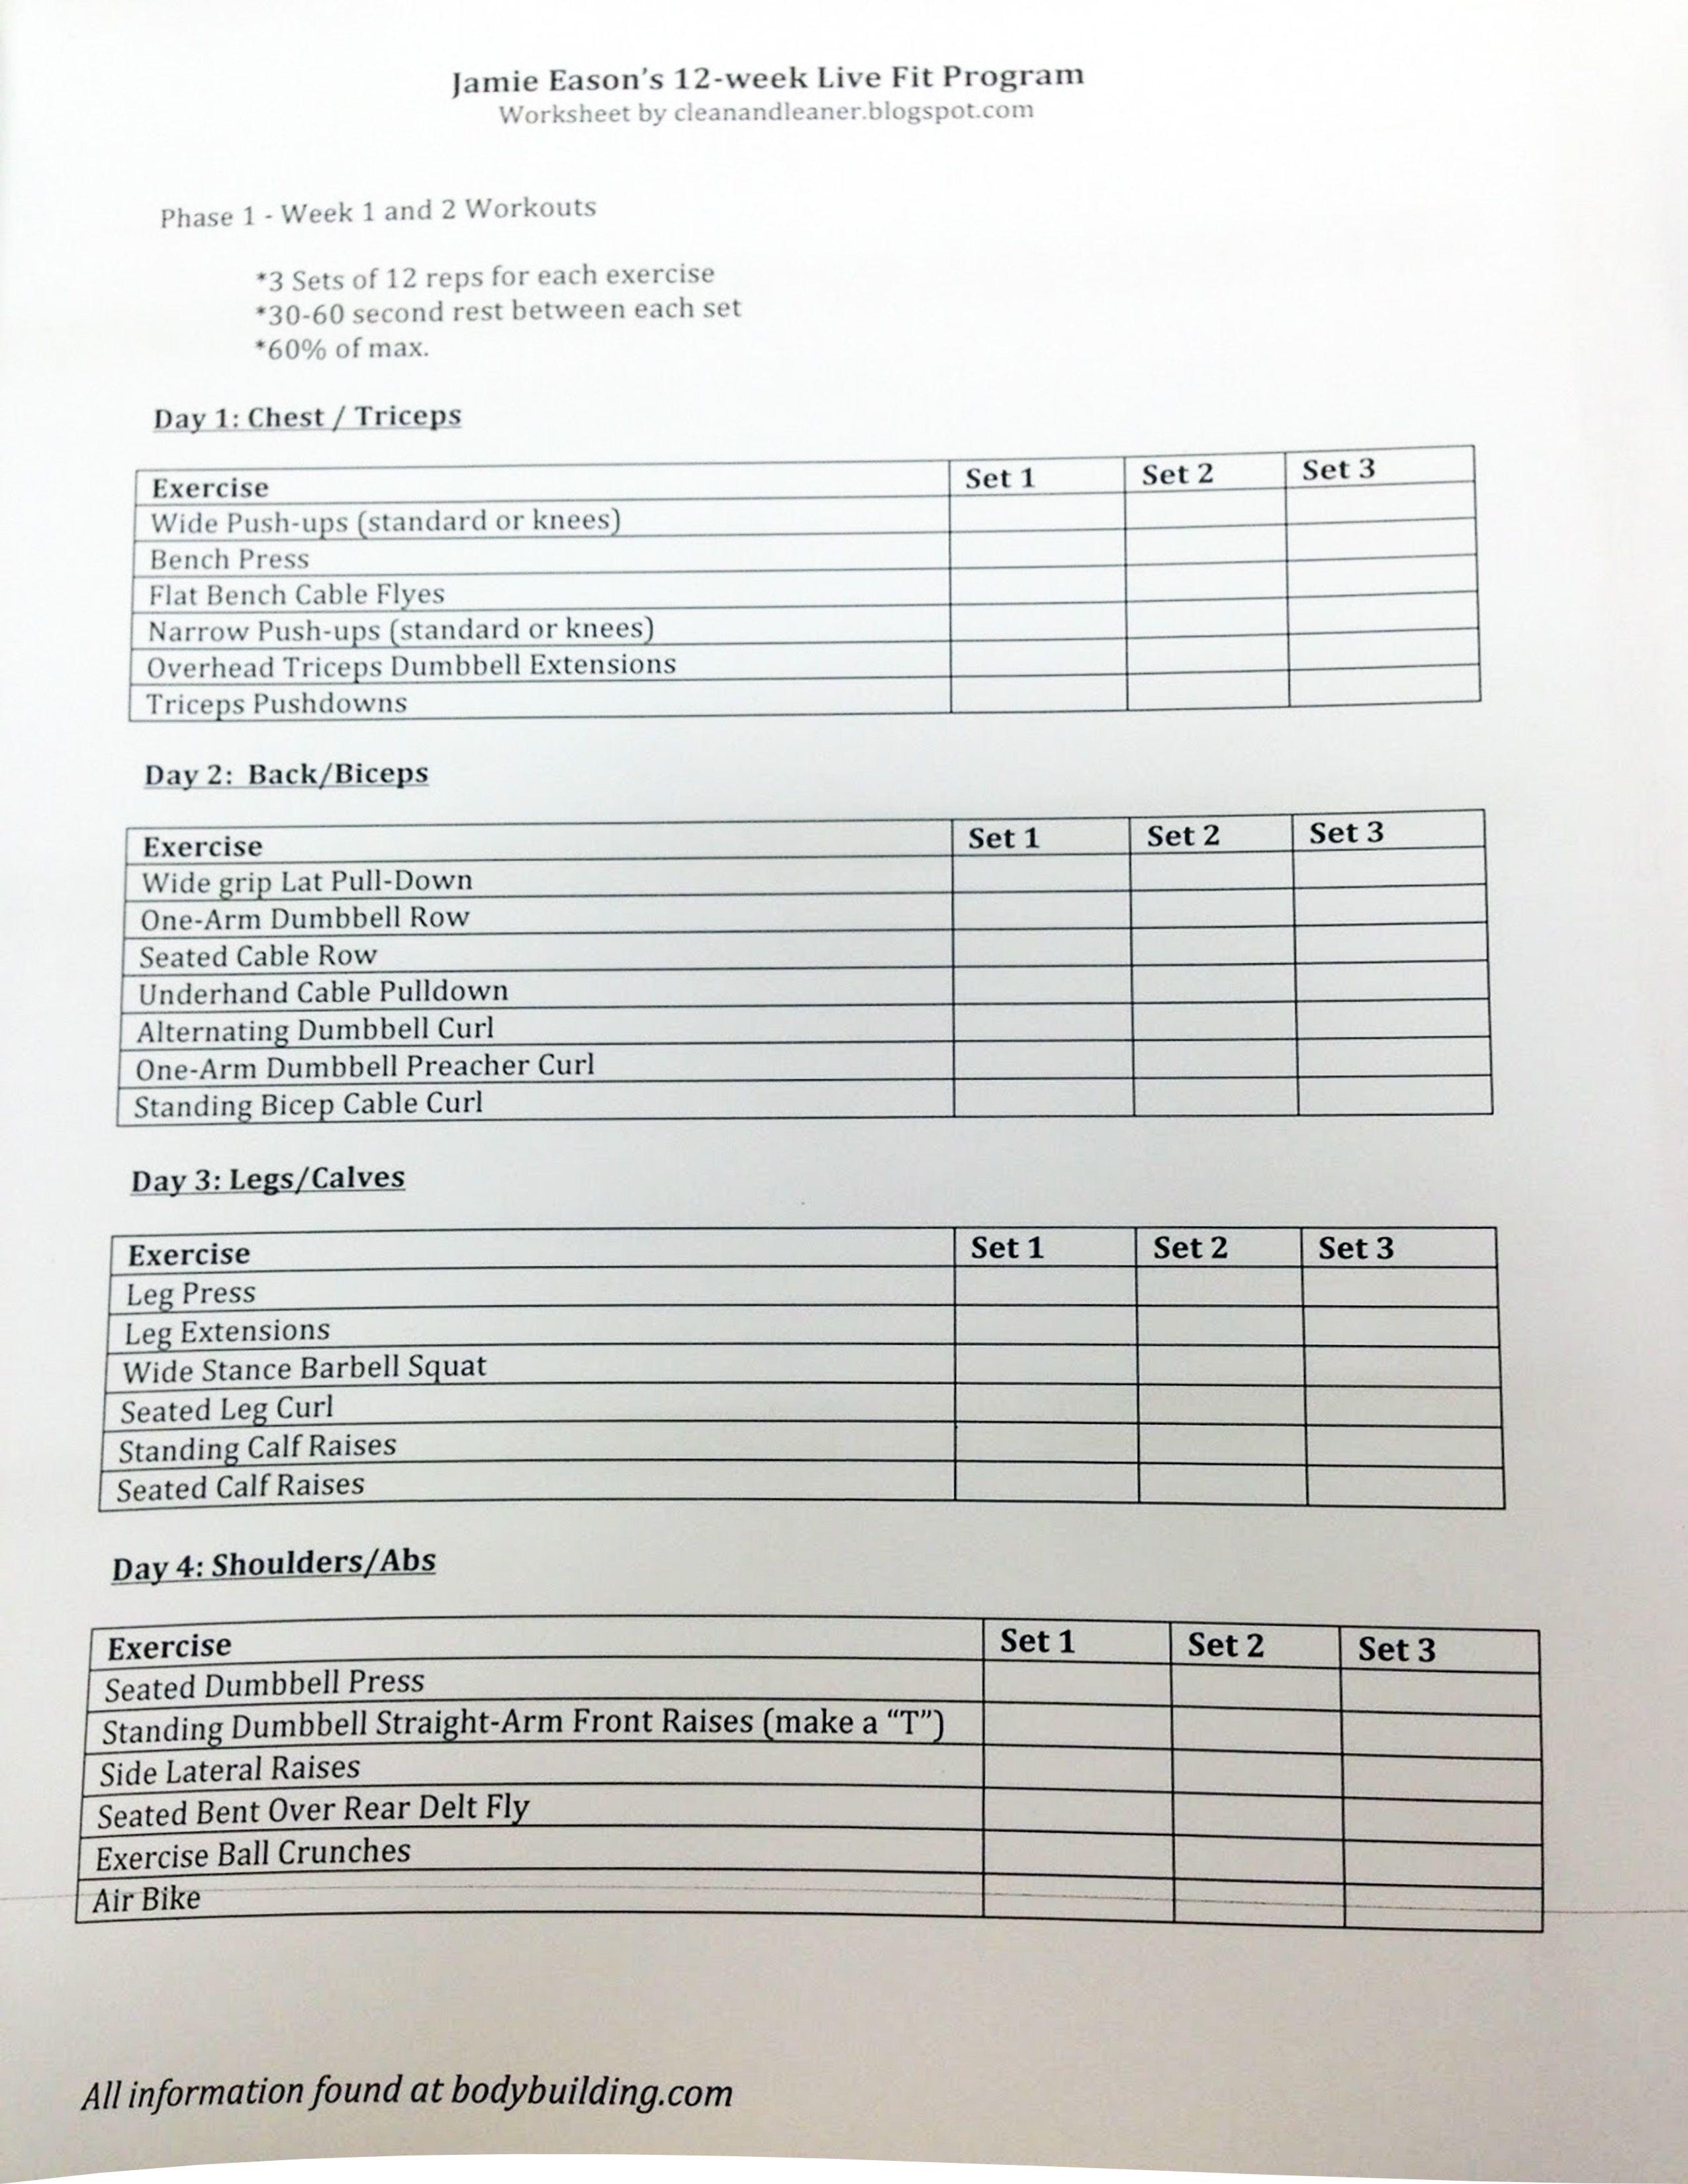 Jamie Eason S 12 Week Live Fit Program Exercise Worksheet